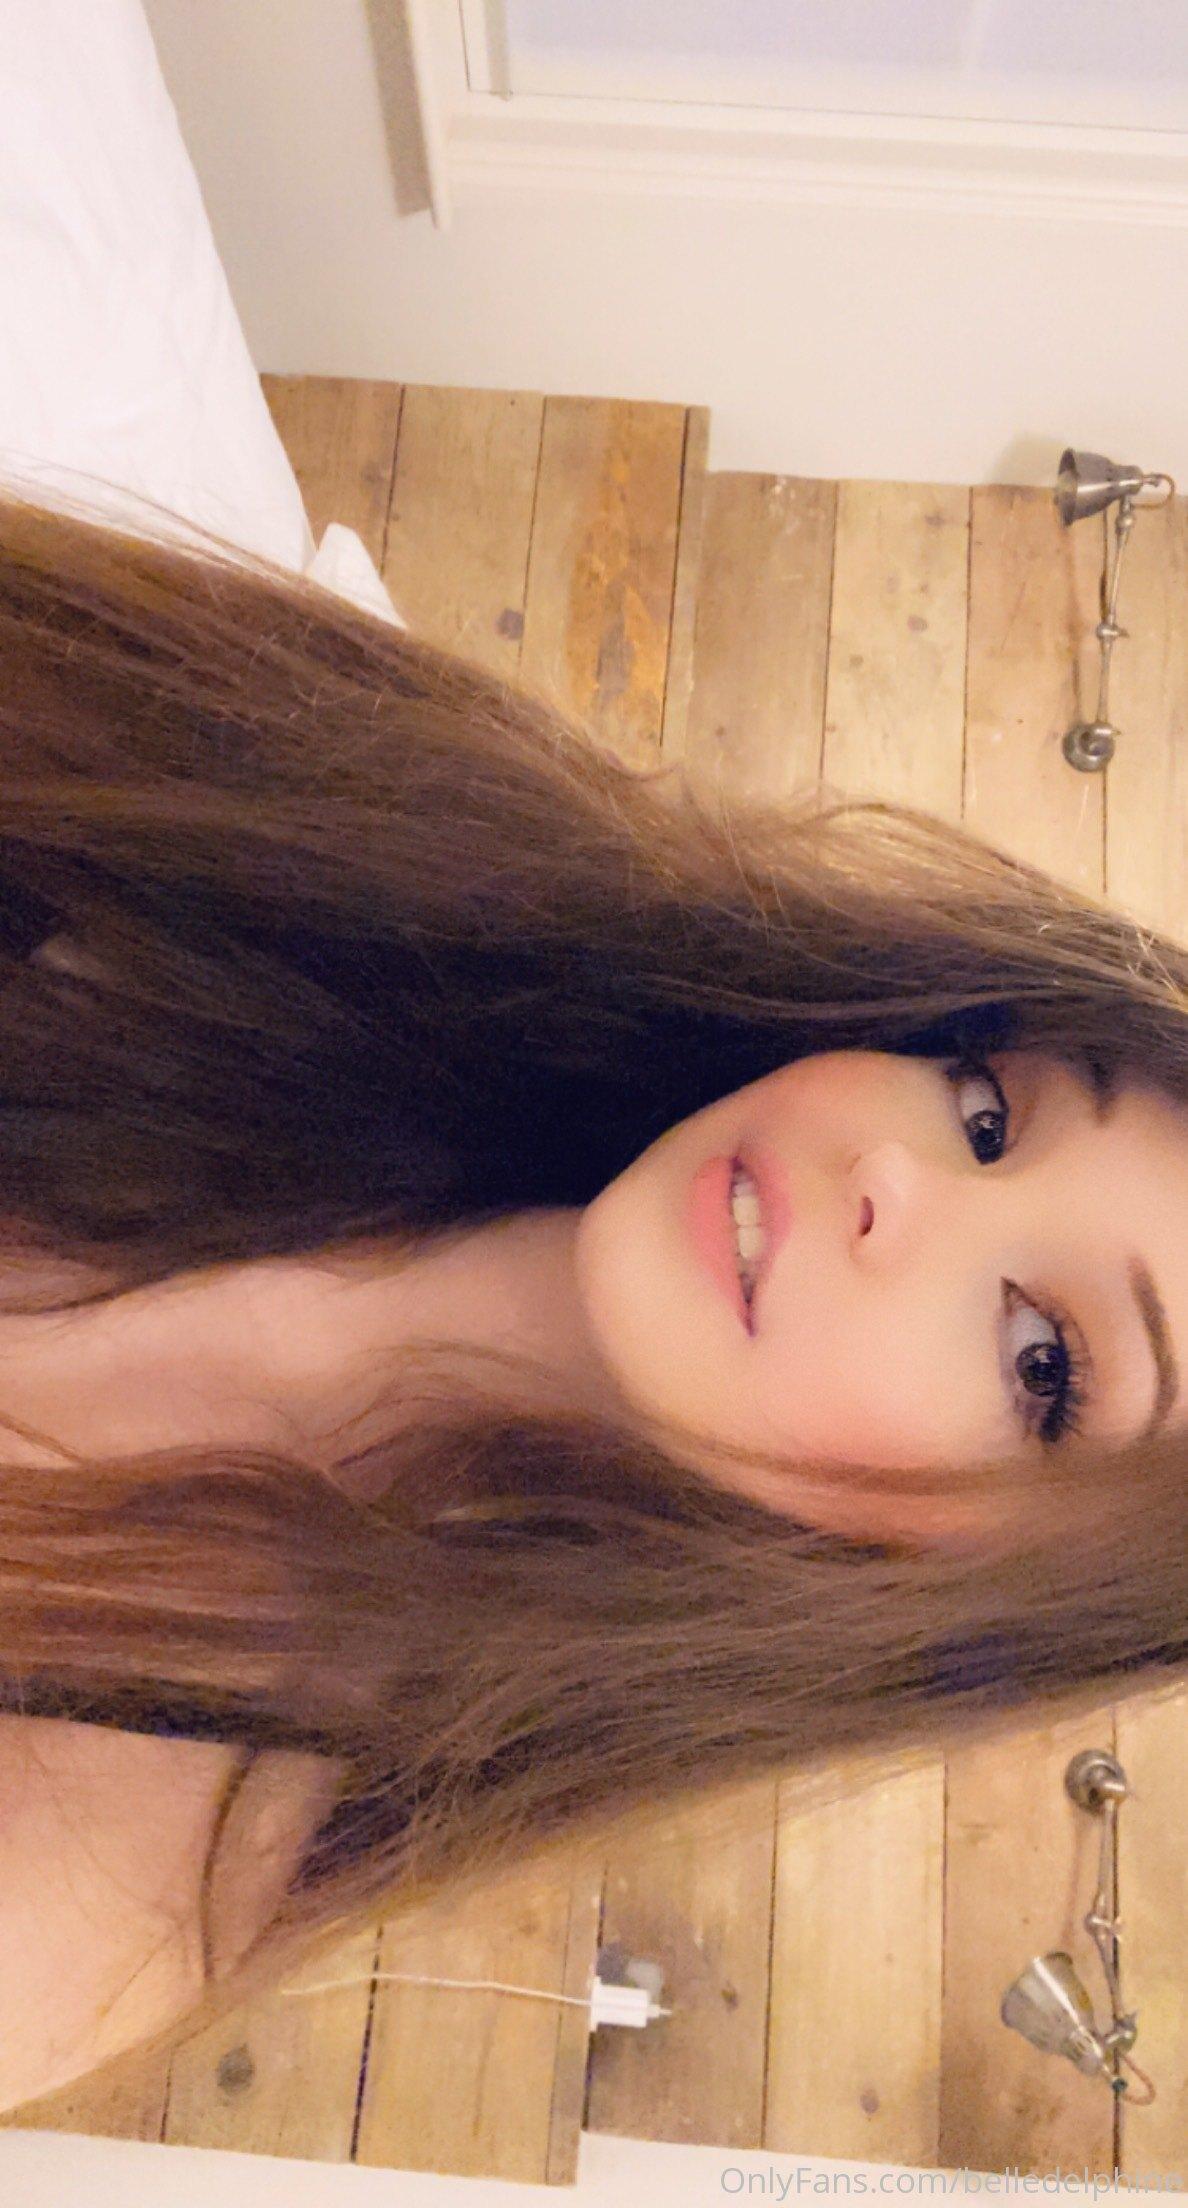 Belle Delphine Naked In Bed Onlyfans Set Leaked 0016